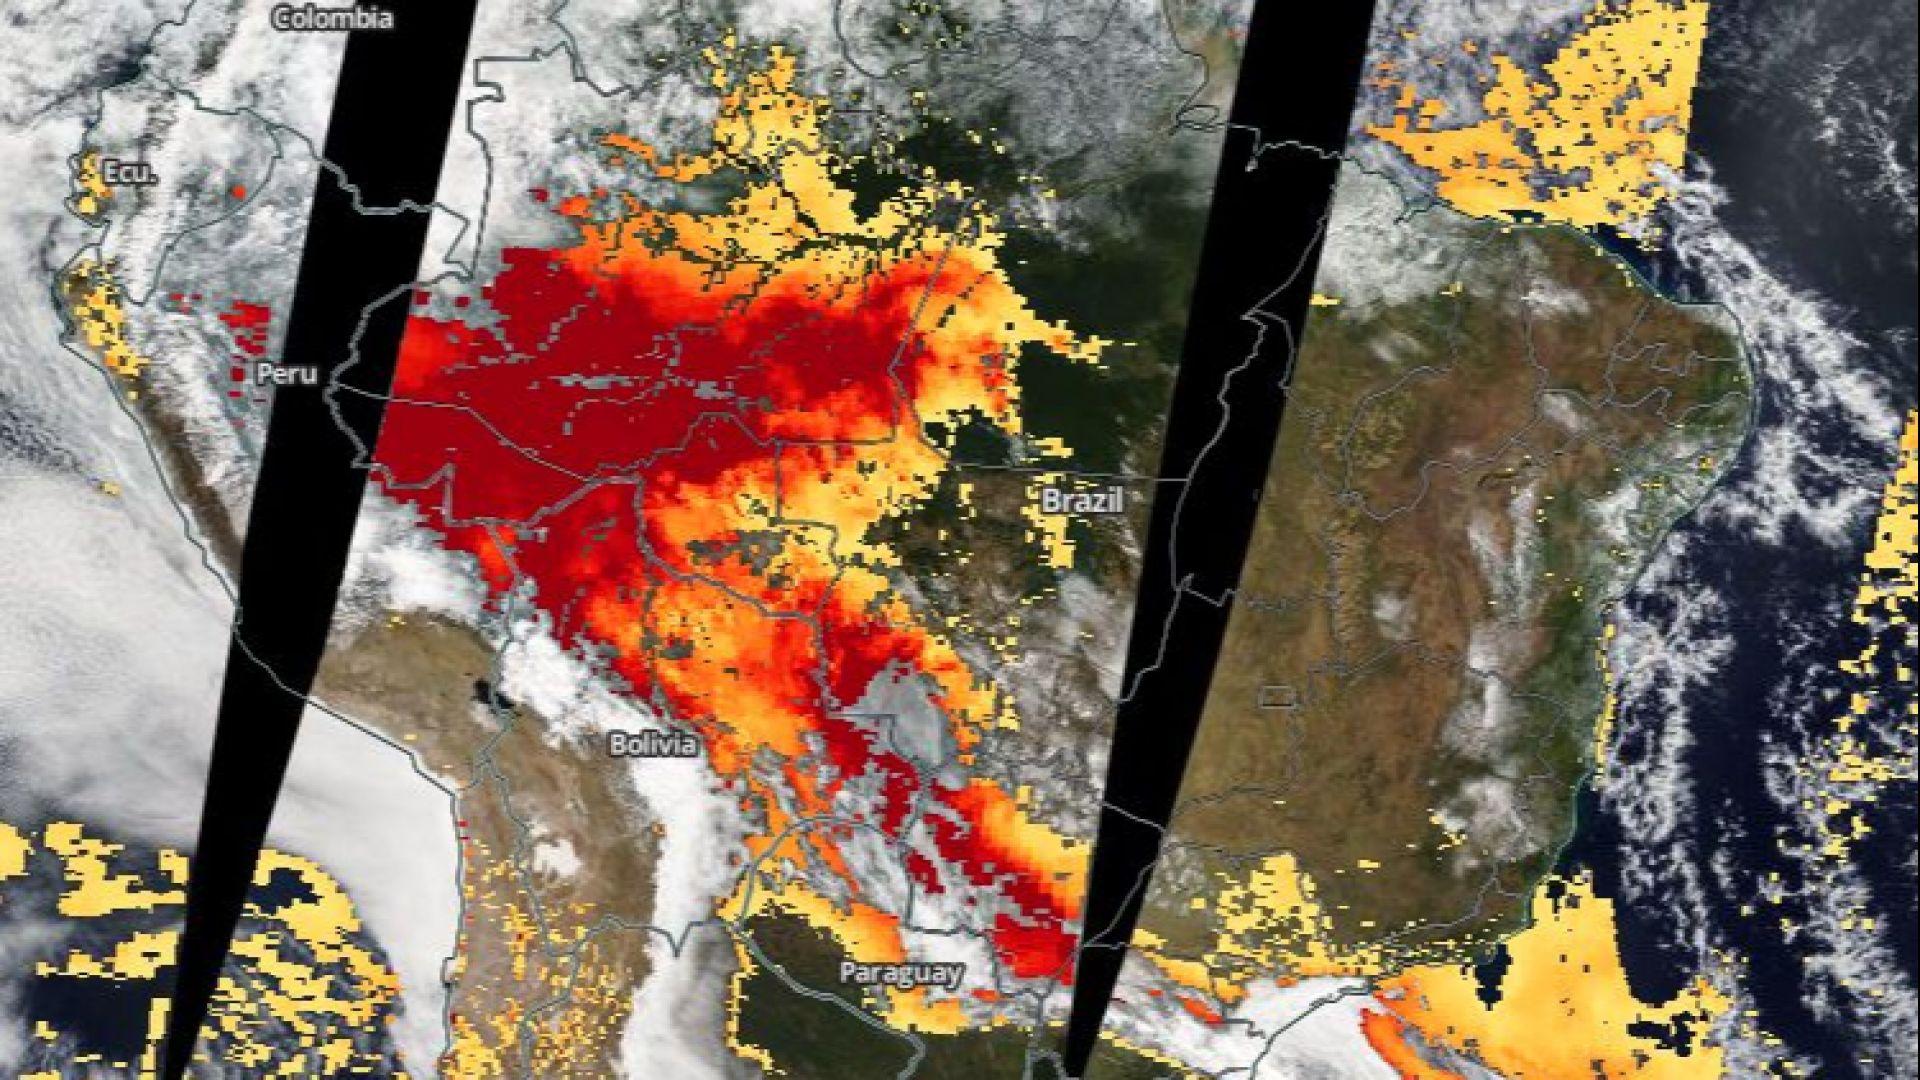 Няма климатична катастрофа, според президента на Бразилия